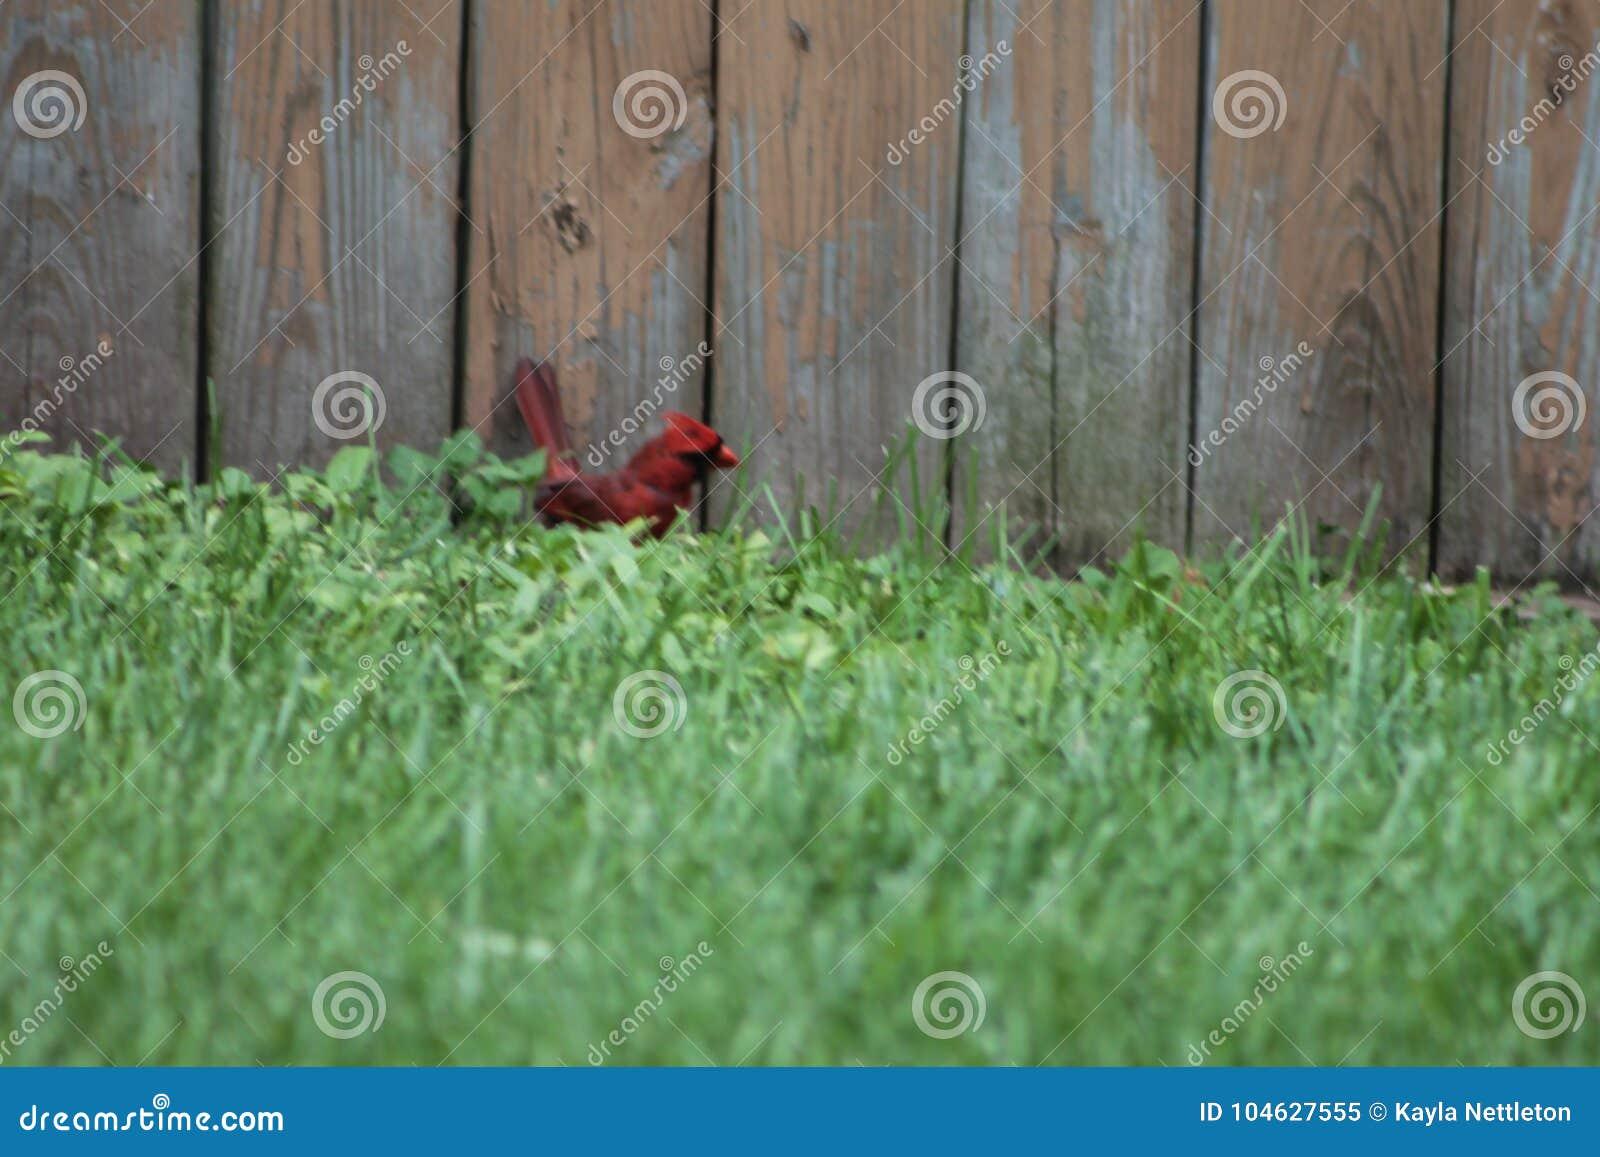 Download Een kardinaal in het gras stock afbeelding. Afbeelding bestaande uit birdie - 104627555